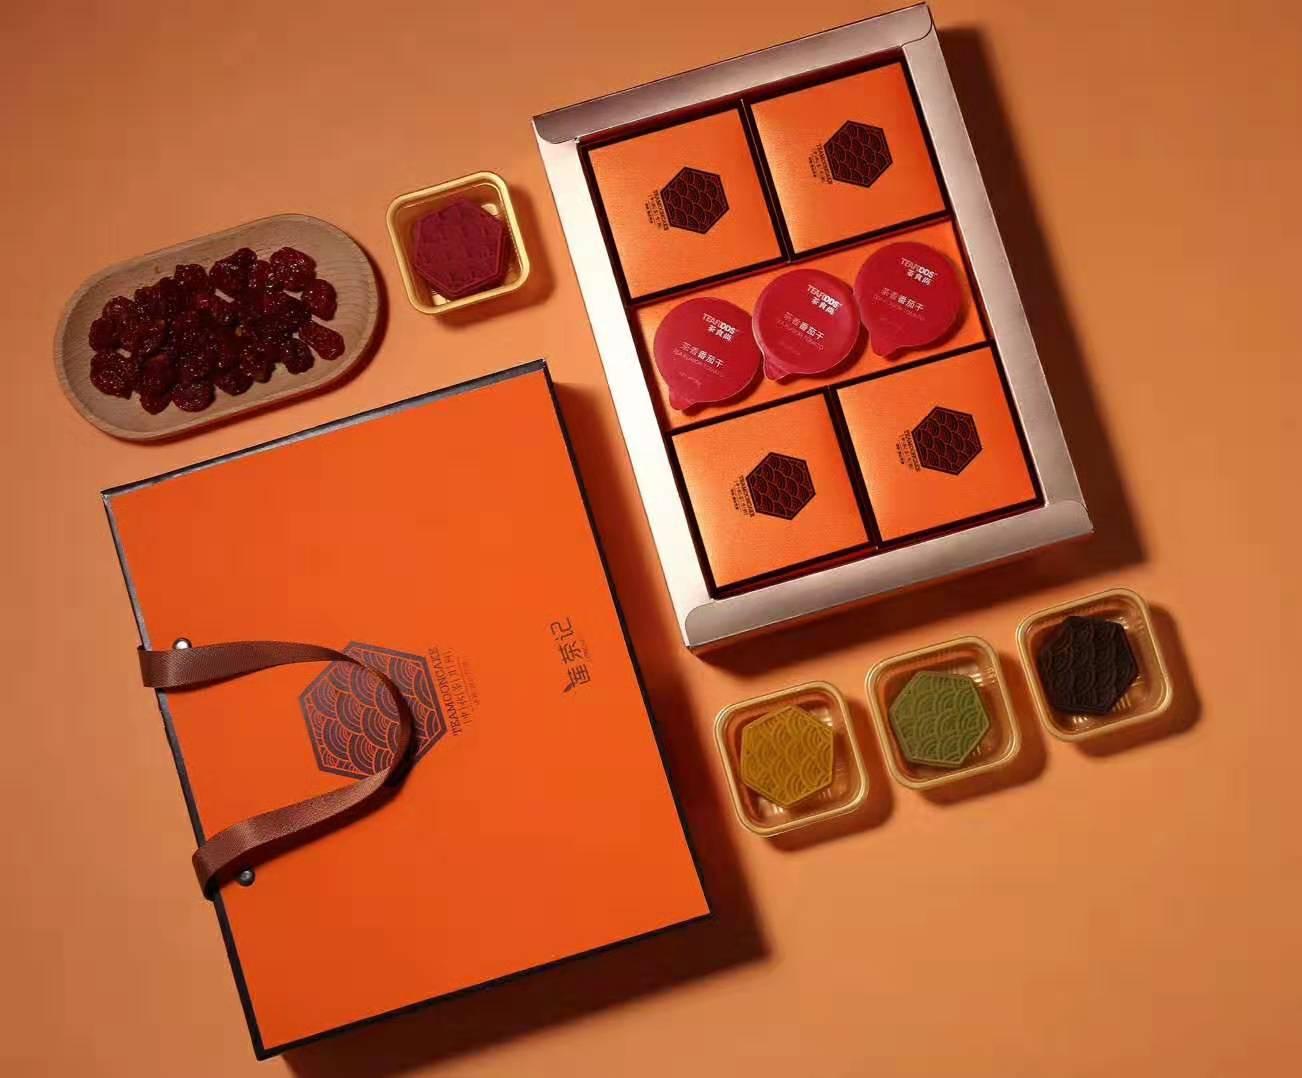 茶叶店加盟,茶叶加盟,茶叶加盟店,茶叶连锁,莲茶记